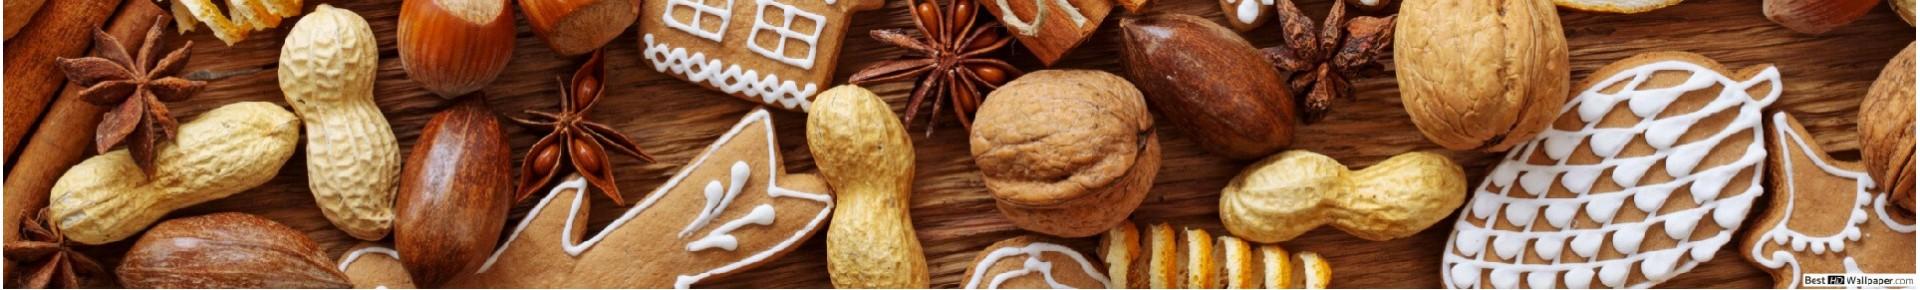 Mascarillas de jabón artesanales hechas a partir de frutos secos